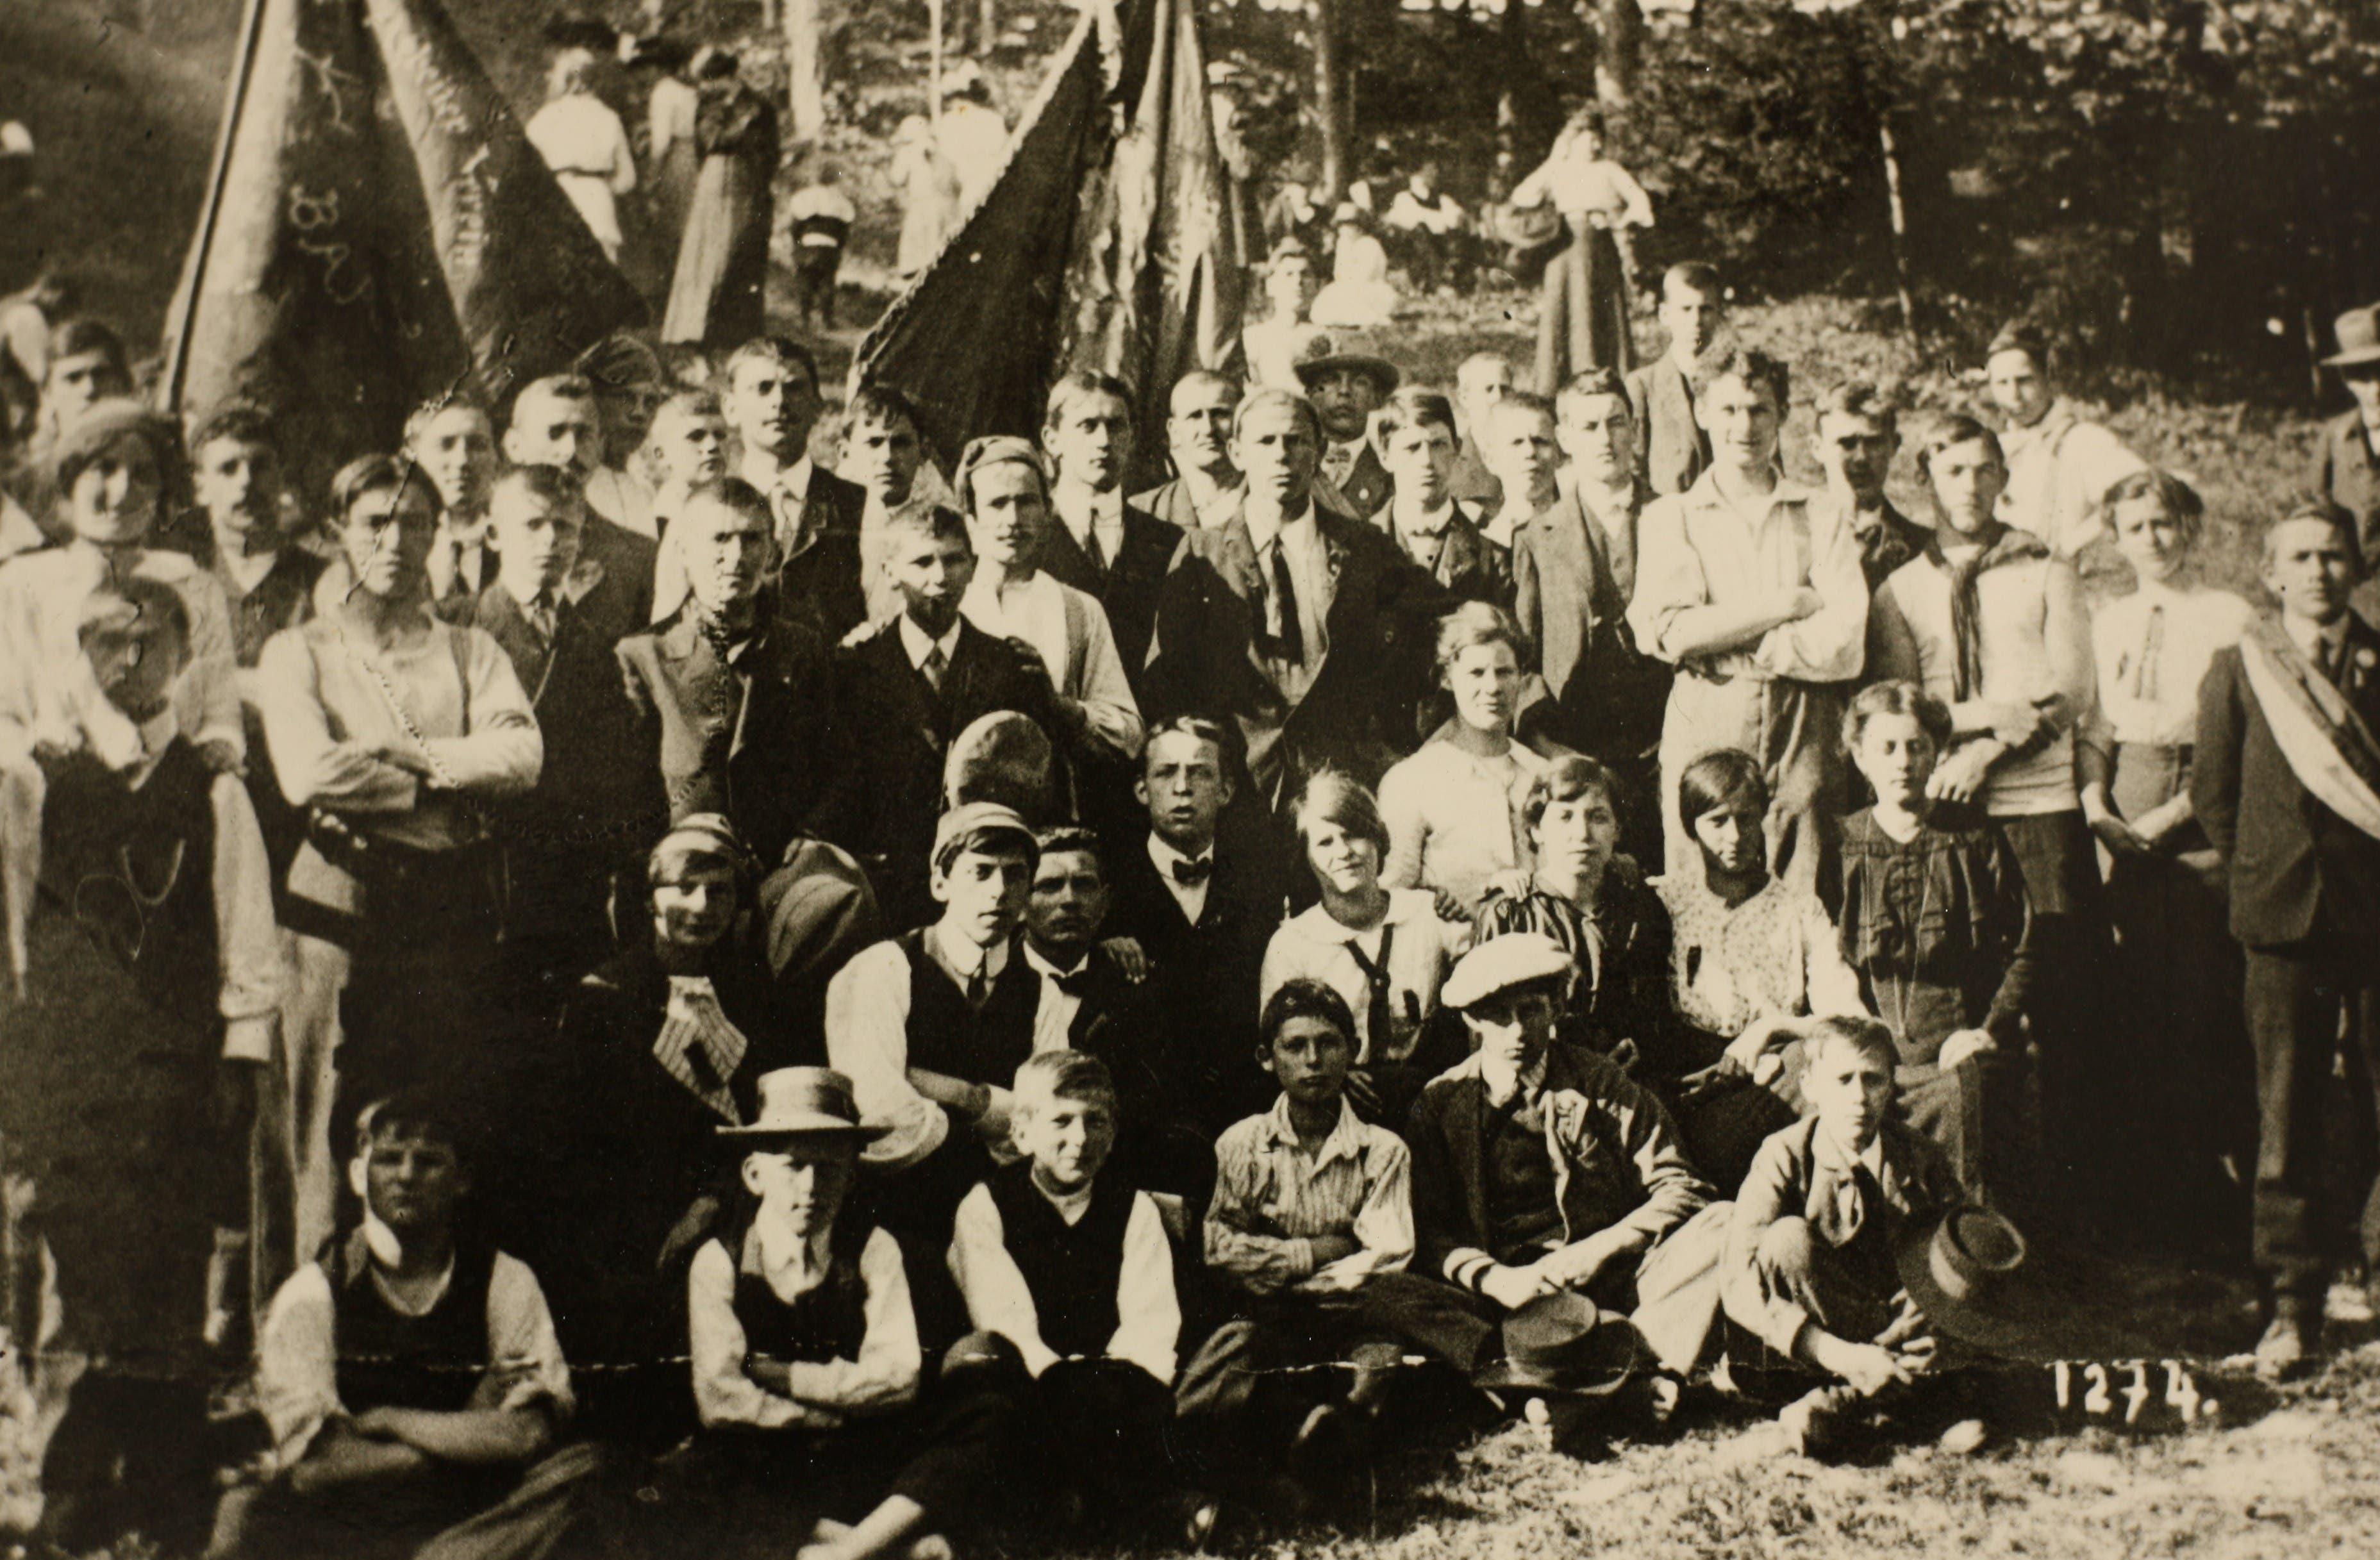 Aus der sozialdemokratischen Freien Jugend Baar geht der Arbeiterturnverein und spätere Satus hervor.